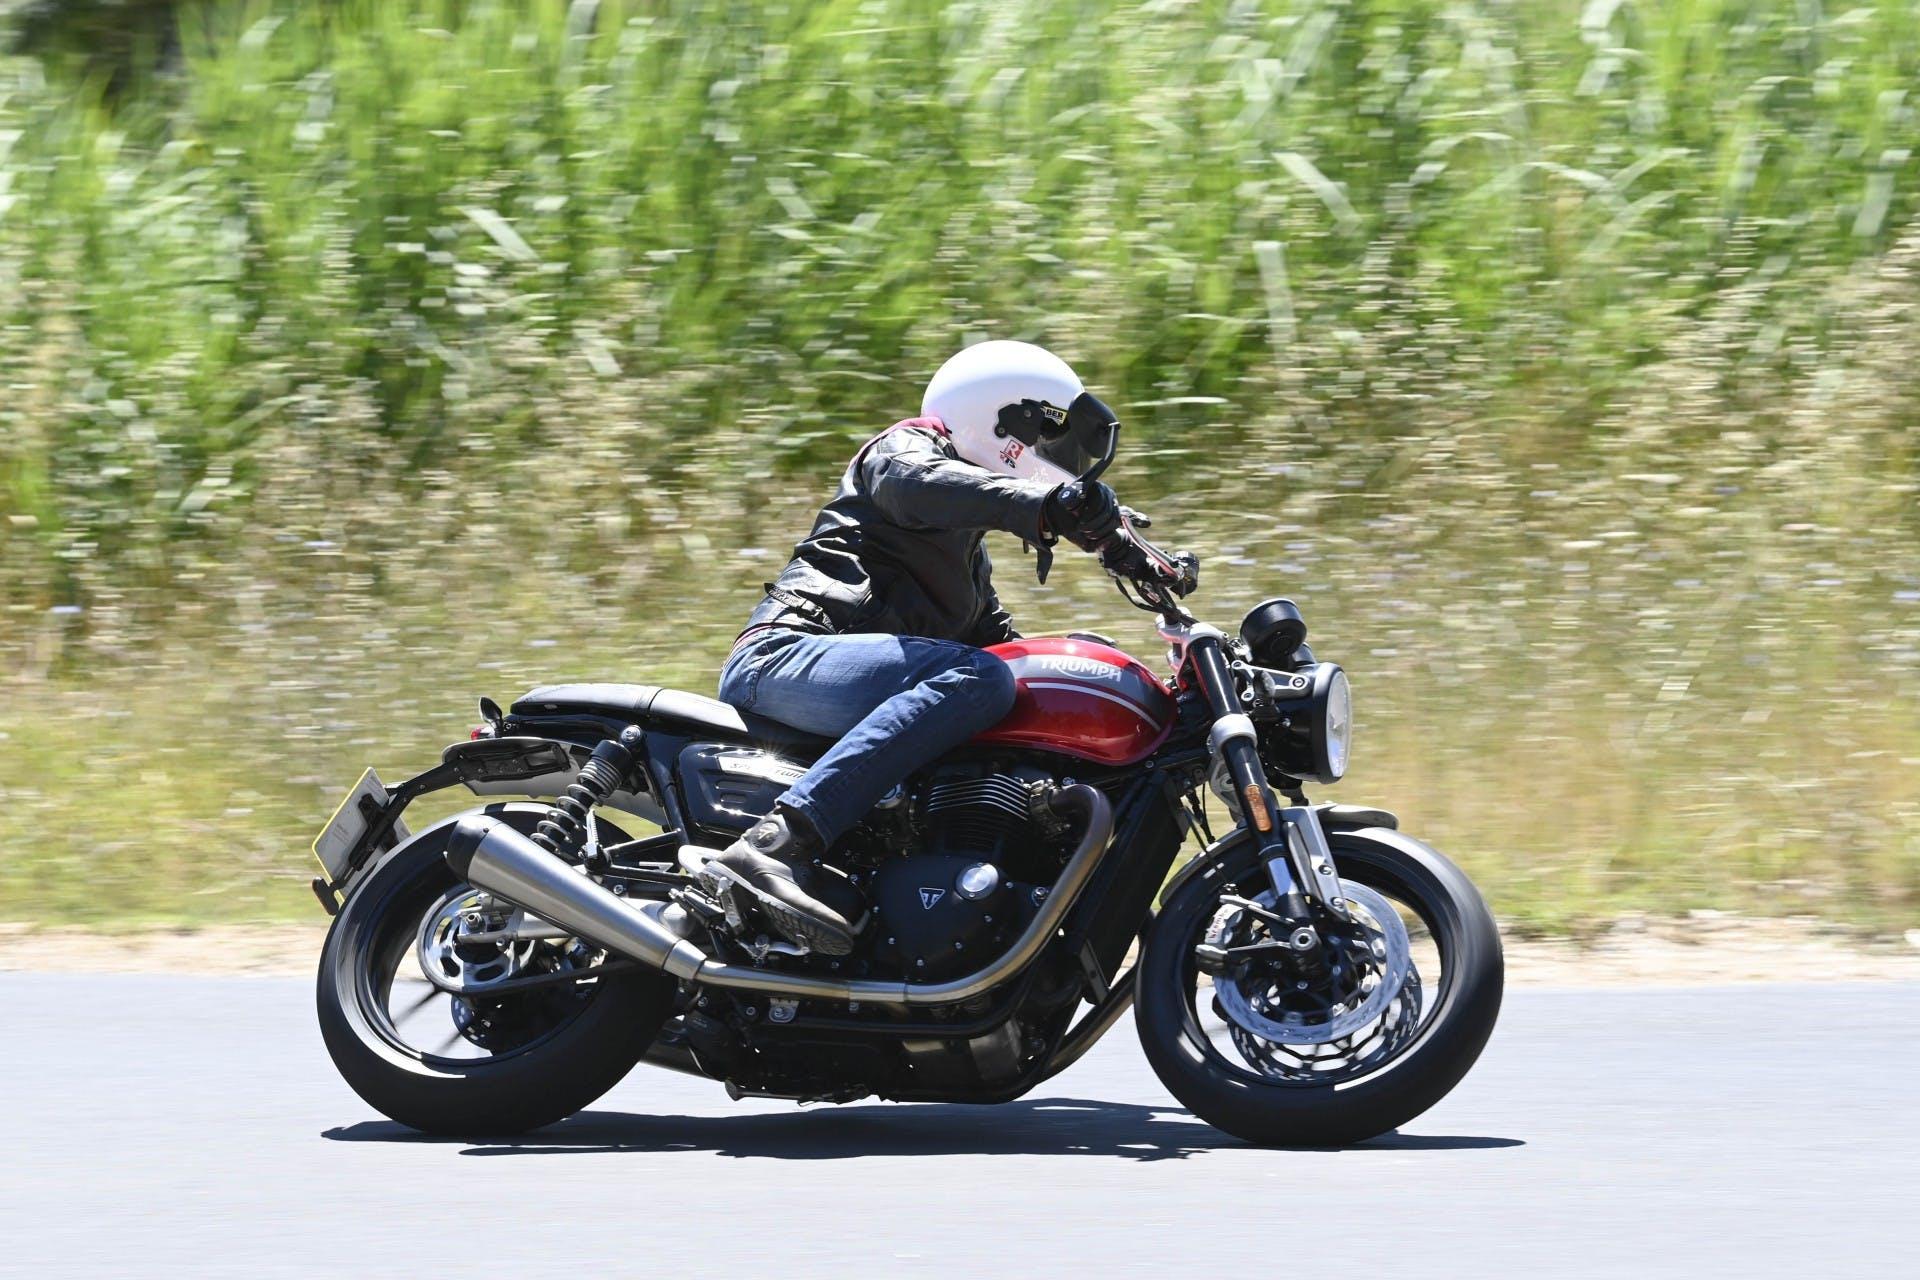 Triumph Speed Twin 2021 foto movimento laterale in curva